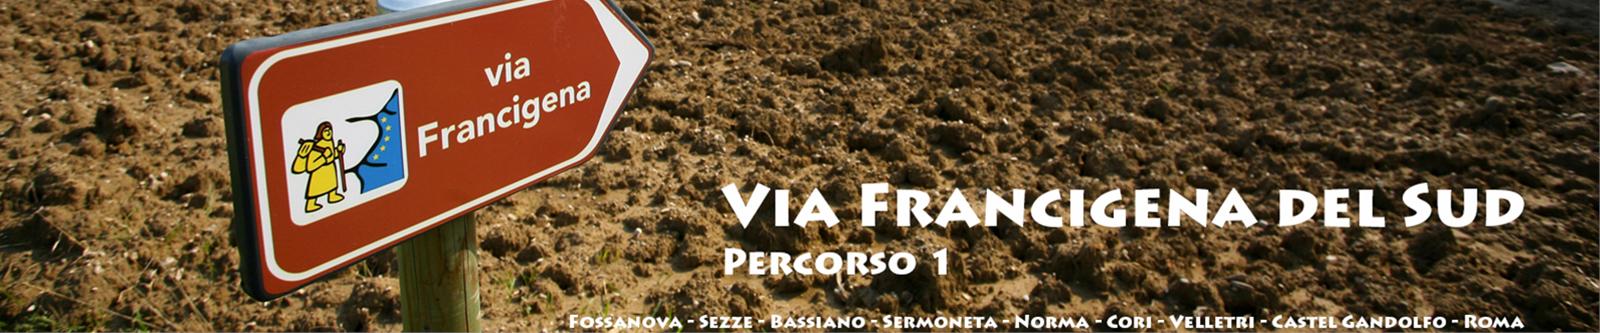 via-francigena_1-1